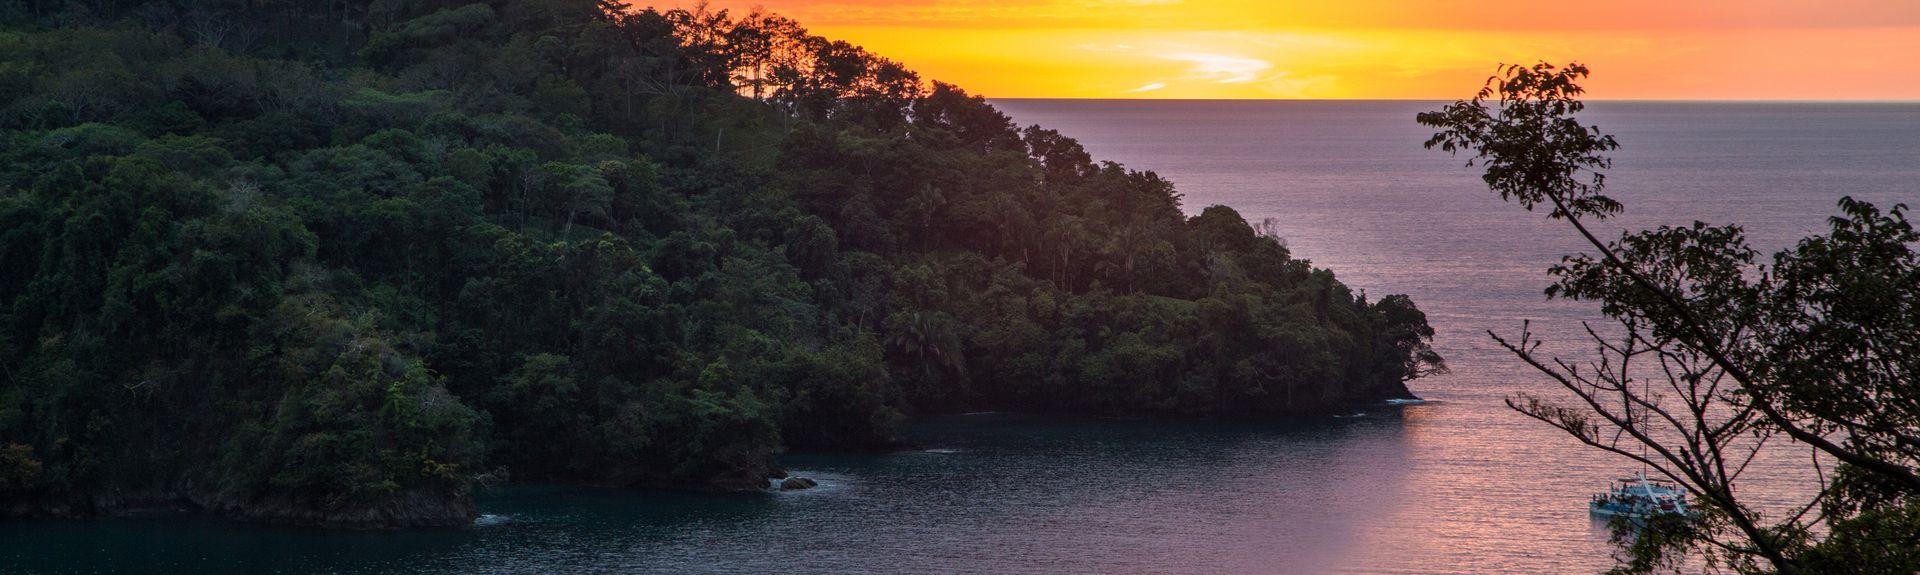 El Cerro, Quepos, Puntarenas (province), Costa Rica